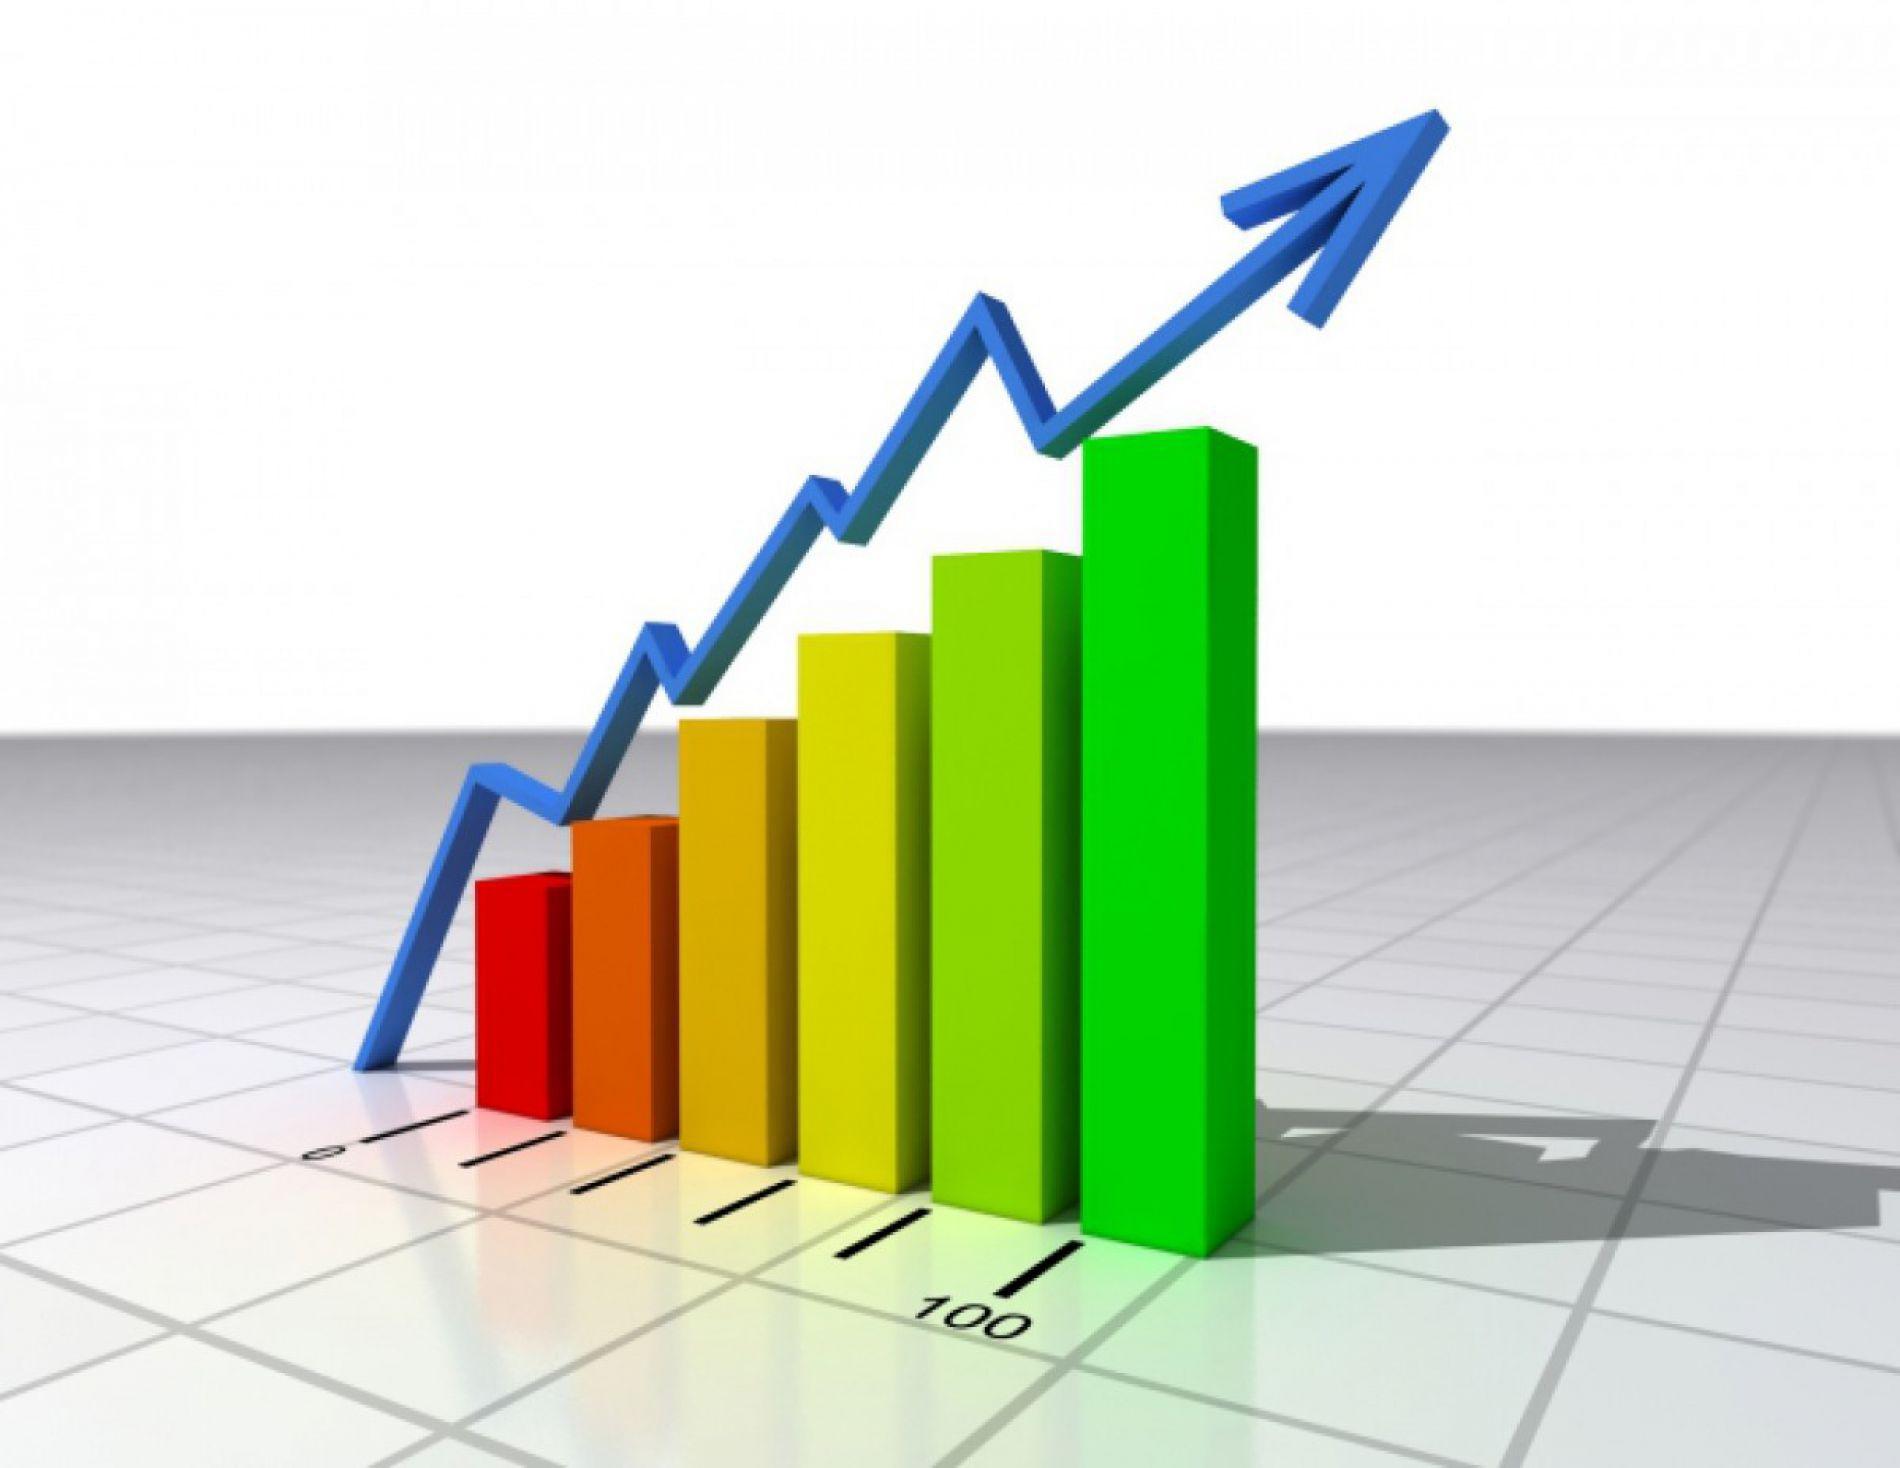 Объем сделок с недвижимостью в Болгарии увеличился на 11%